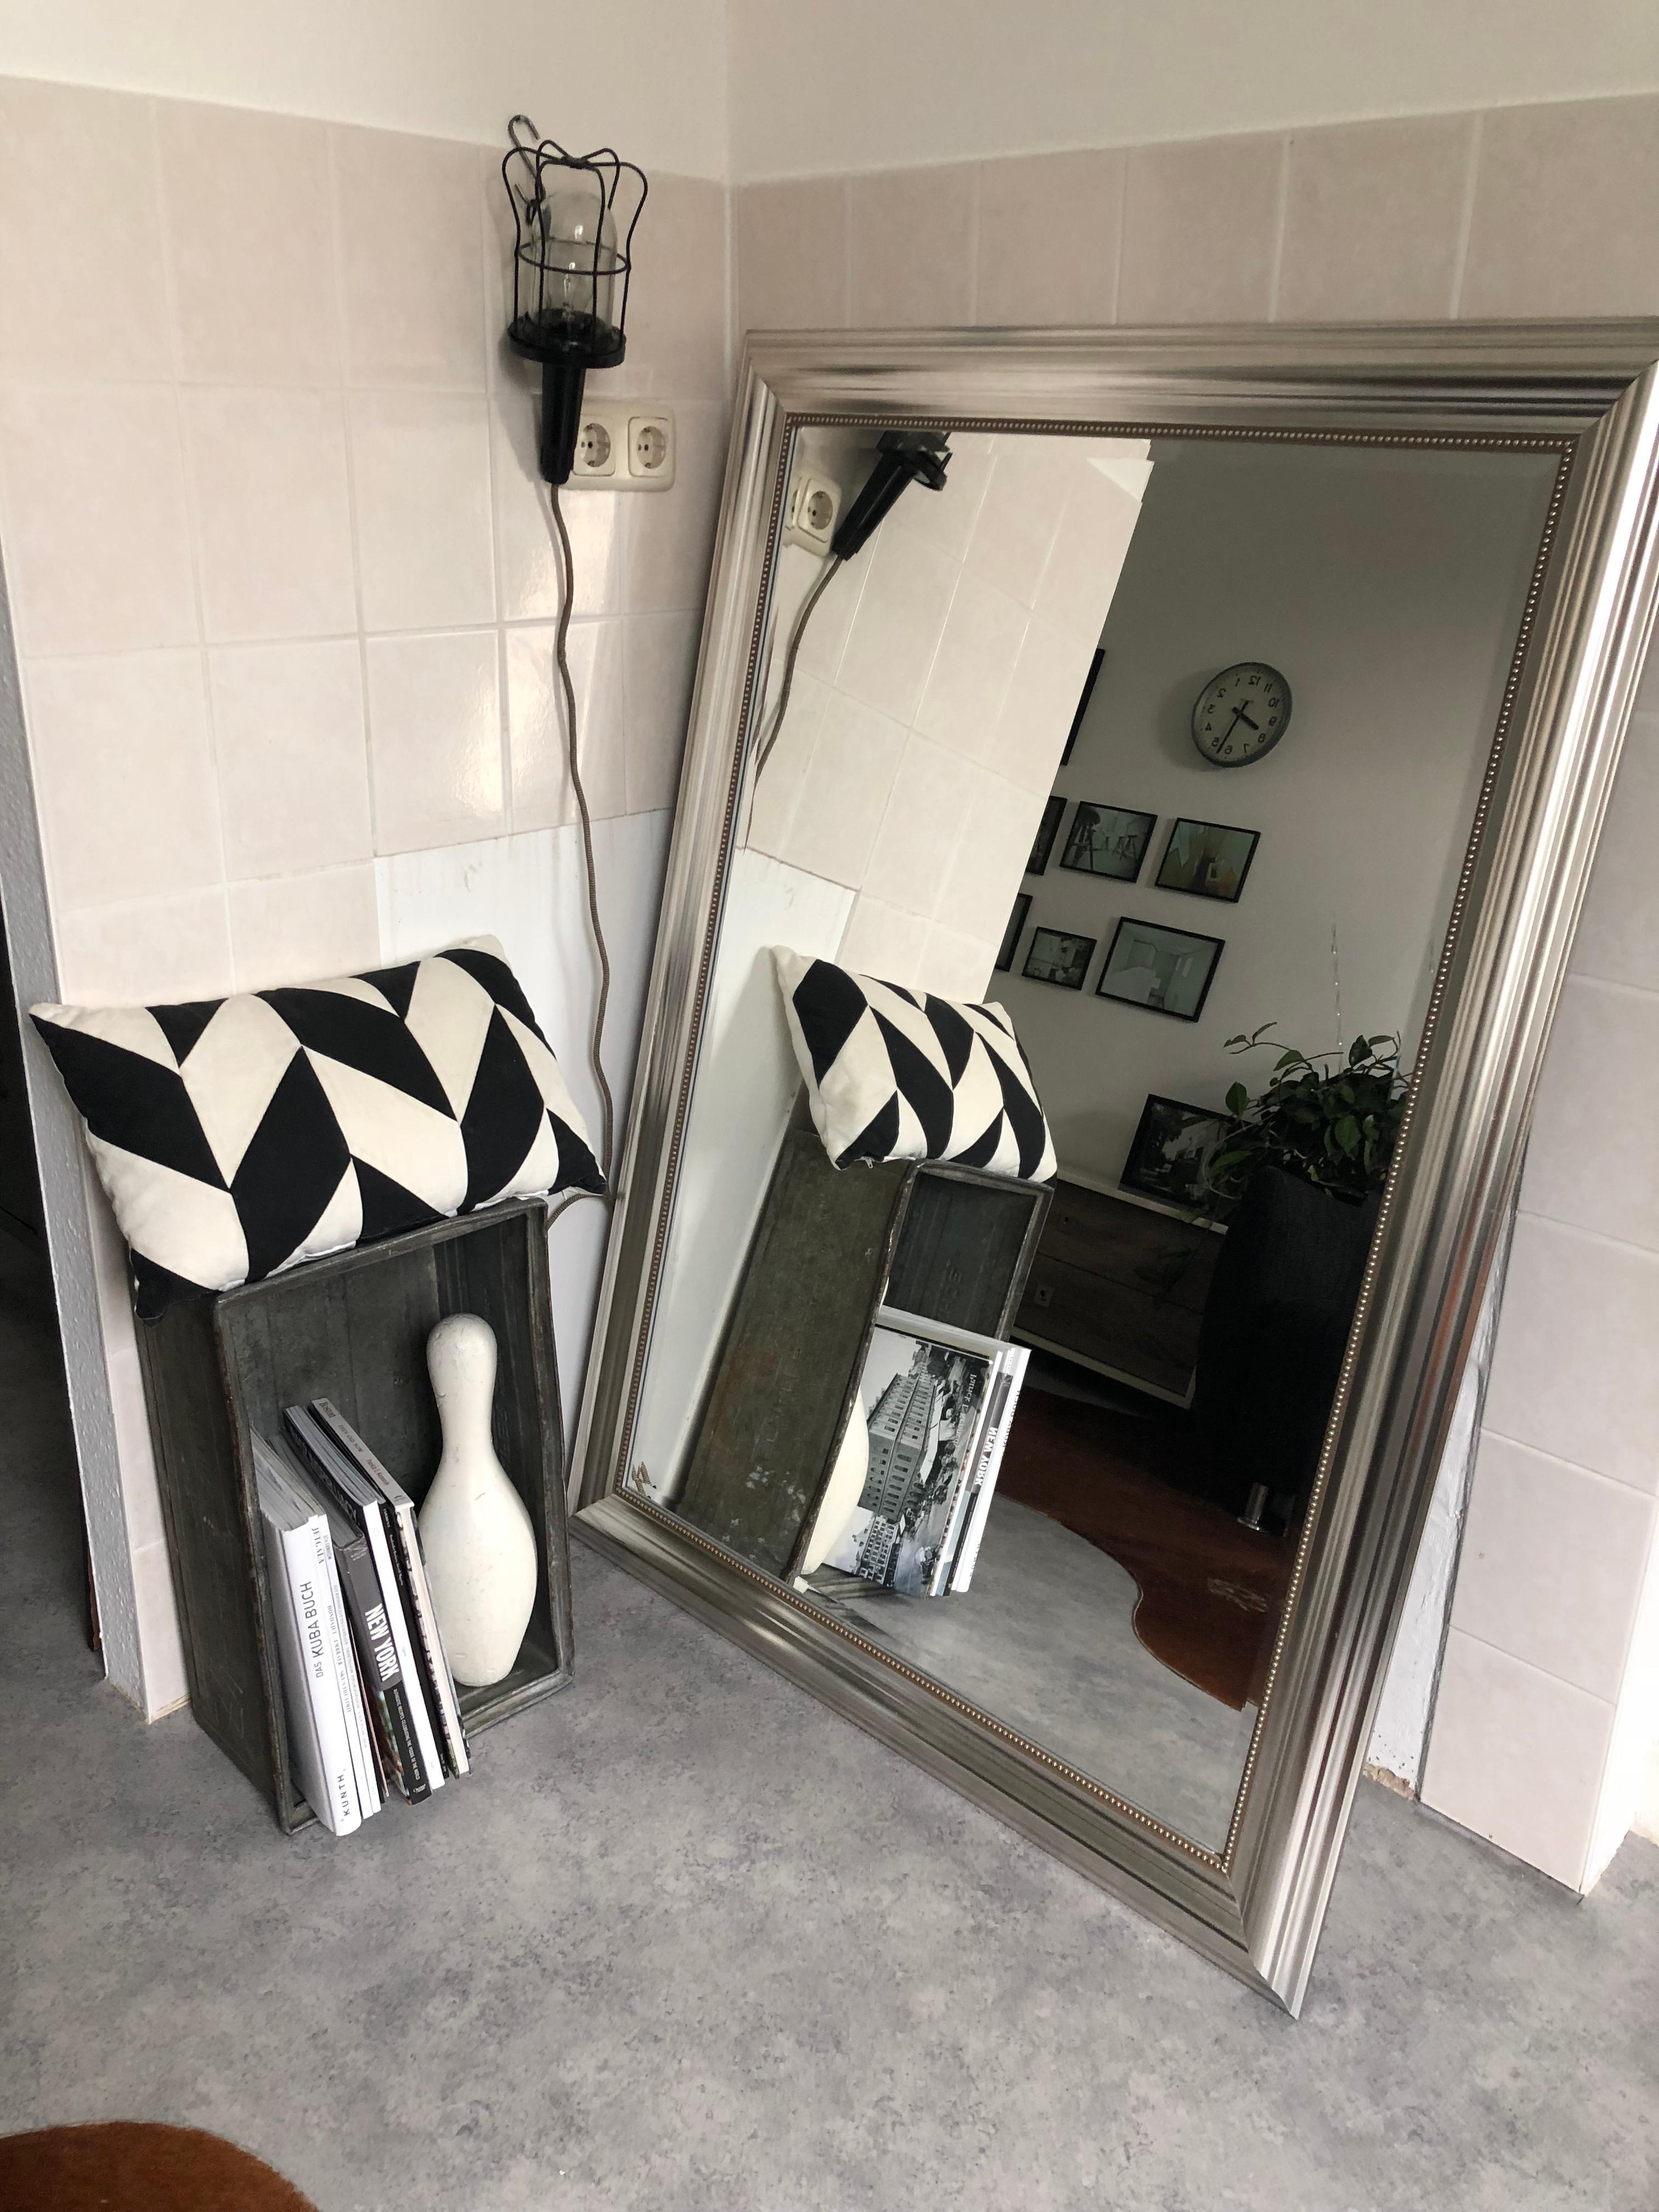 Meine Aktuelle Flurdeko Industrie Meets Bauhaus #dekoliebe #flurdeko  #blackandwhite